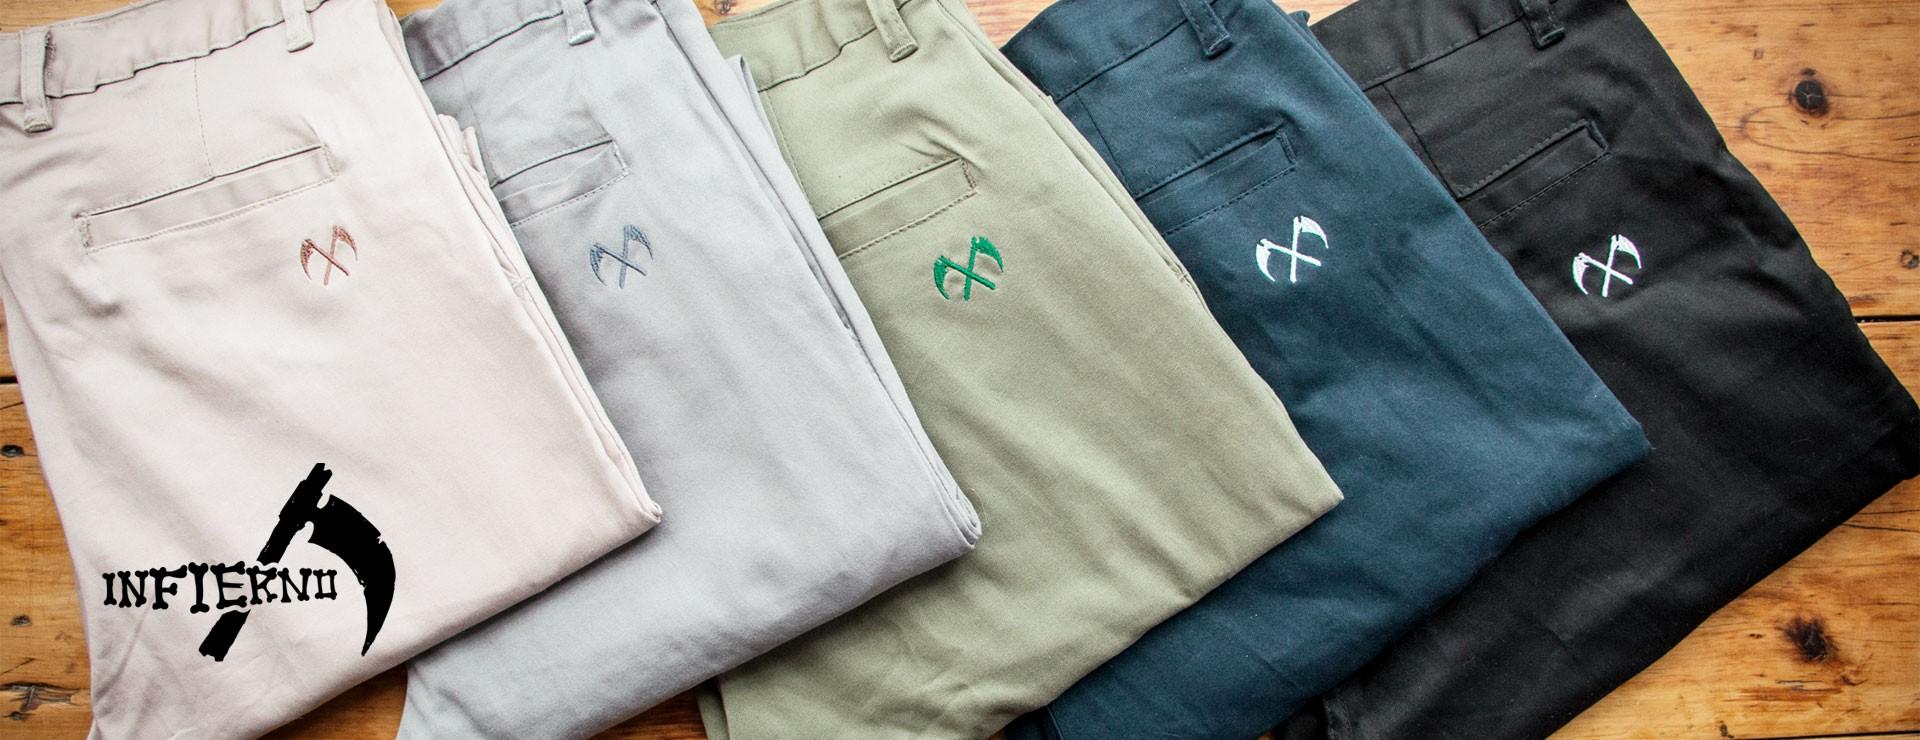 Nuevos pantalones Infierno